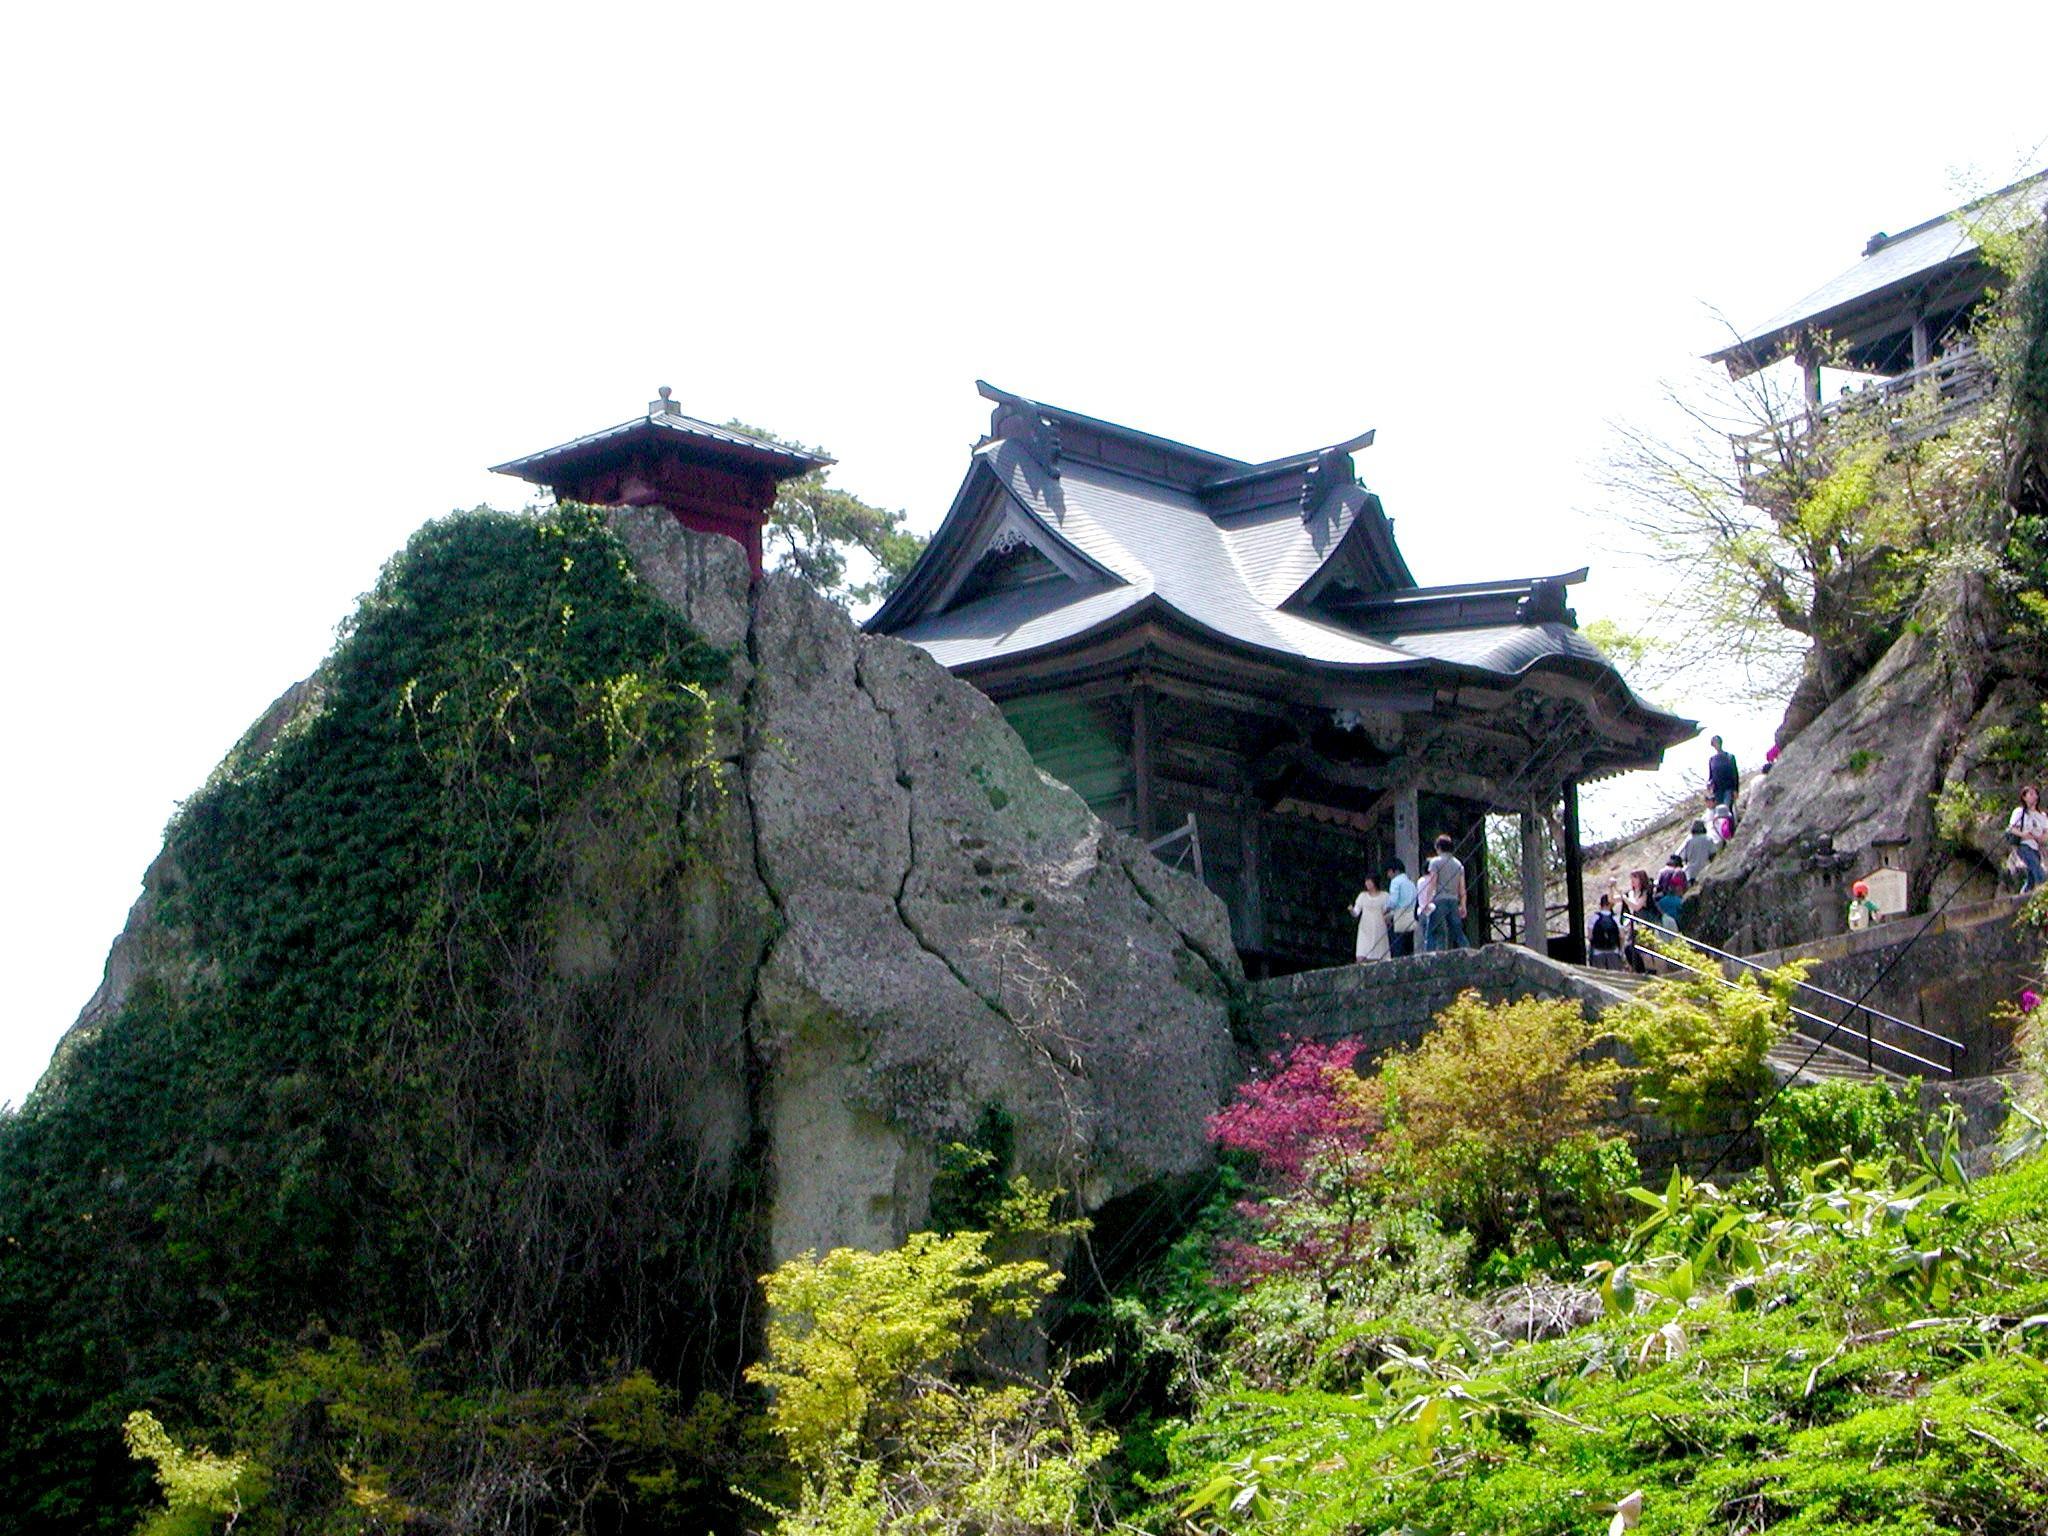 岩肌と緑、そしてお寺、本当に山寺でした。